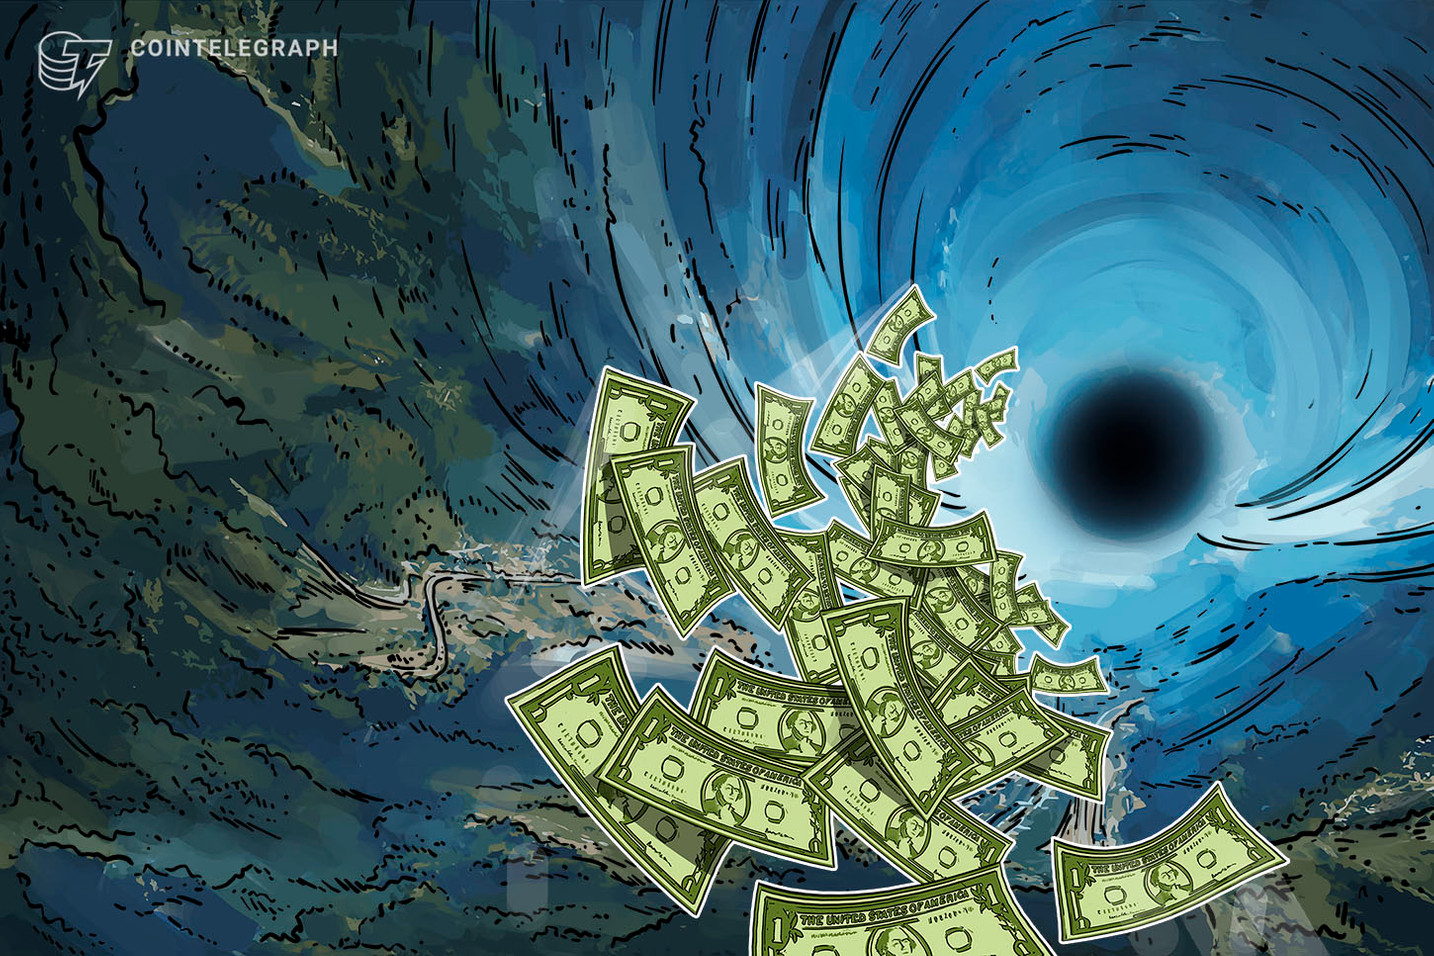 仮想通貨ビットコイン大規模ハッキング事件のナイスハッシュ、「全額返済は不可能」【ニュース】